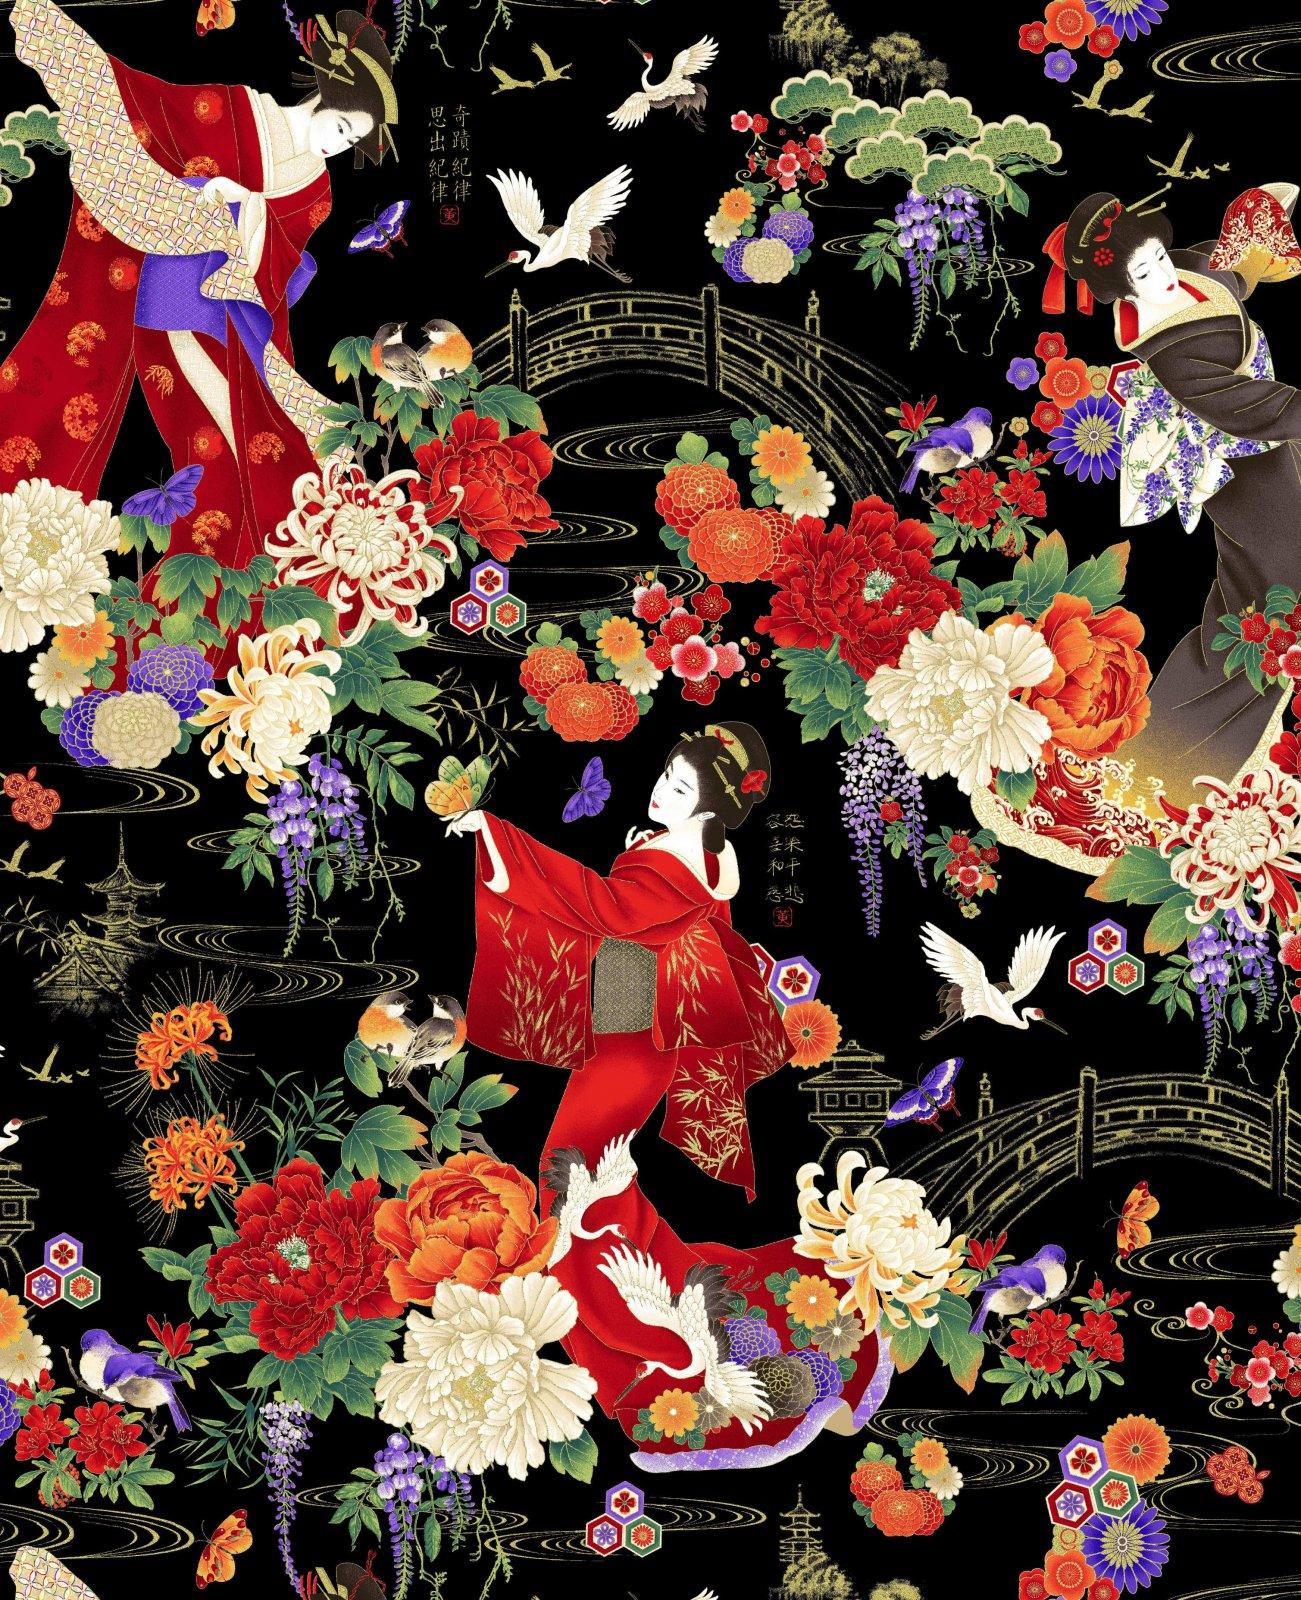 Fabric Geishas in Garden Allover KOKO-CM7873-Multi